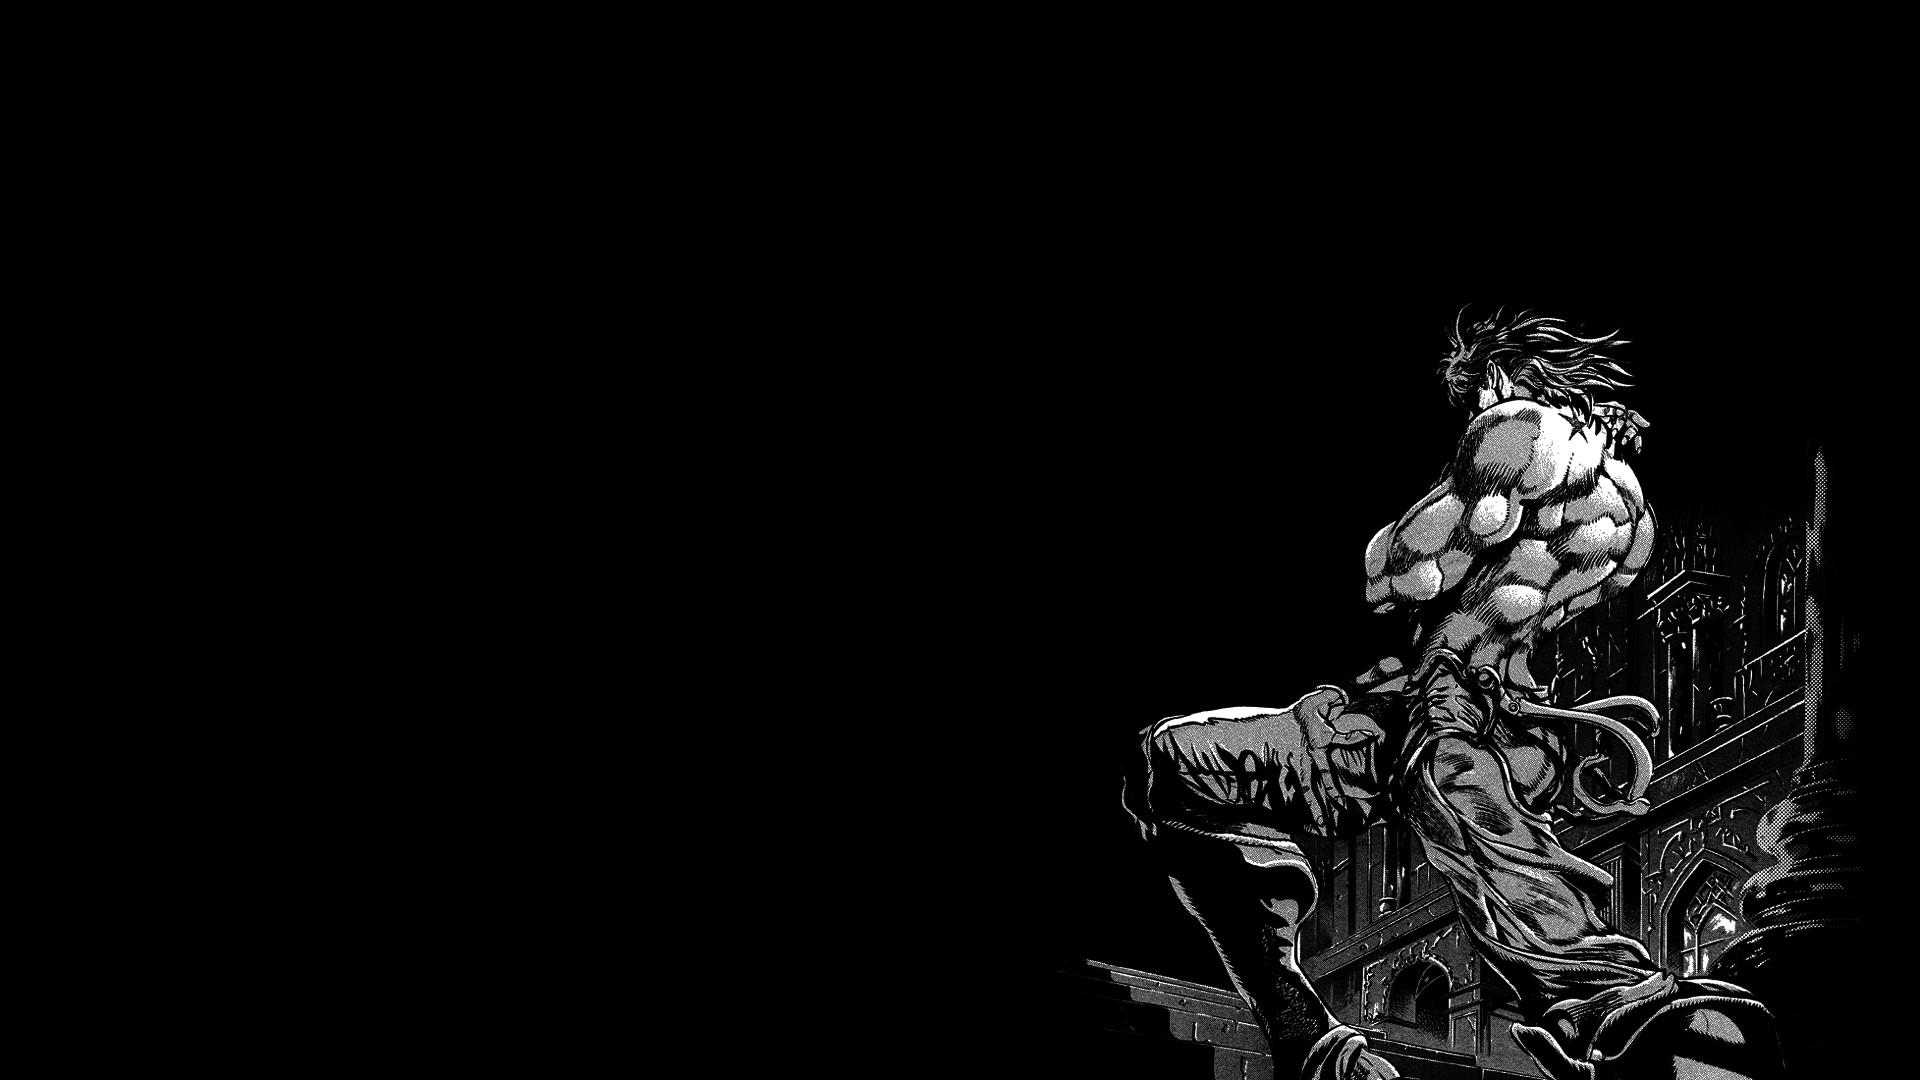 Anime – Jojo's Bizarre Adventure Dio Brando Wallpaper